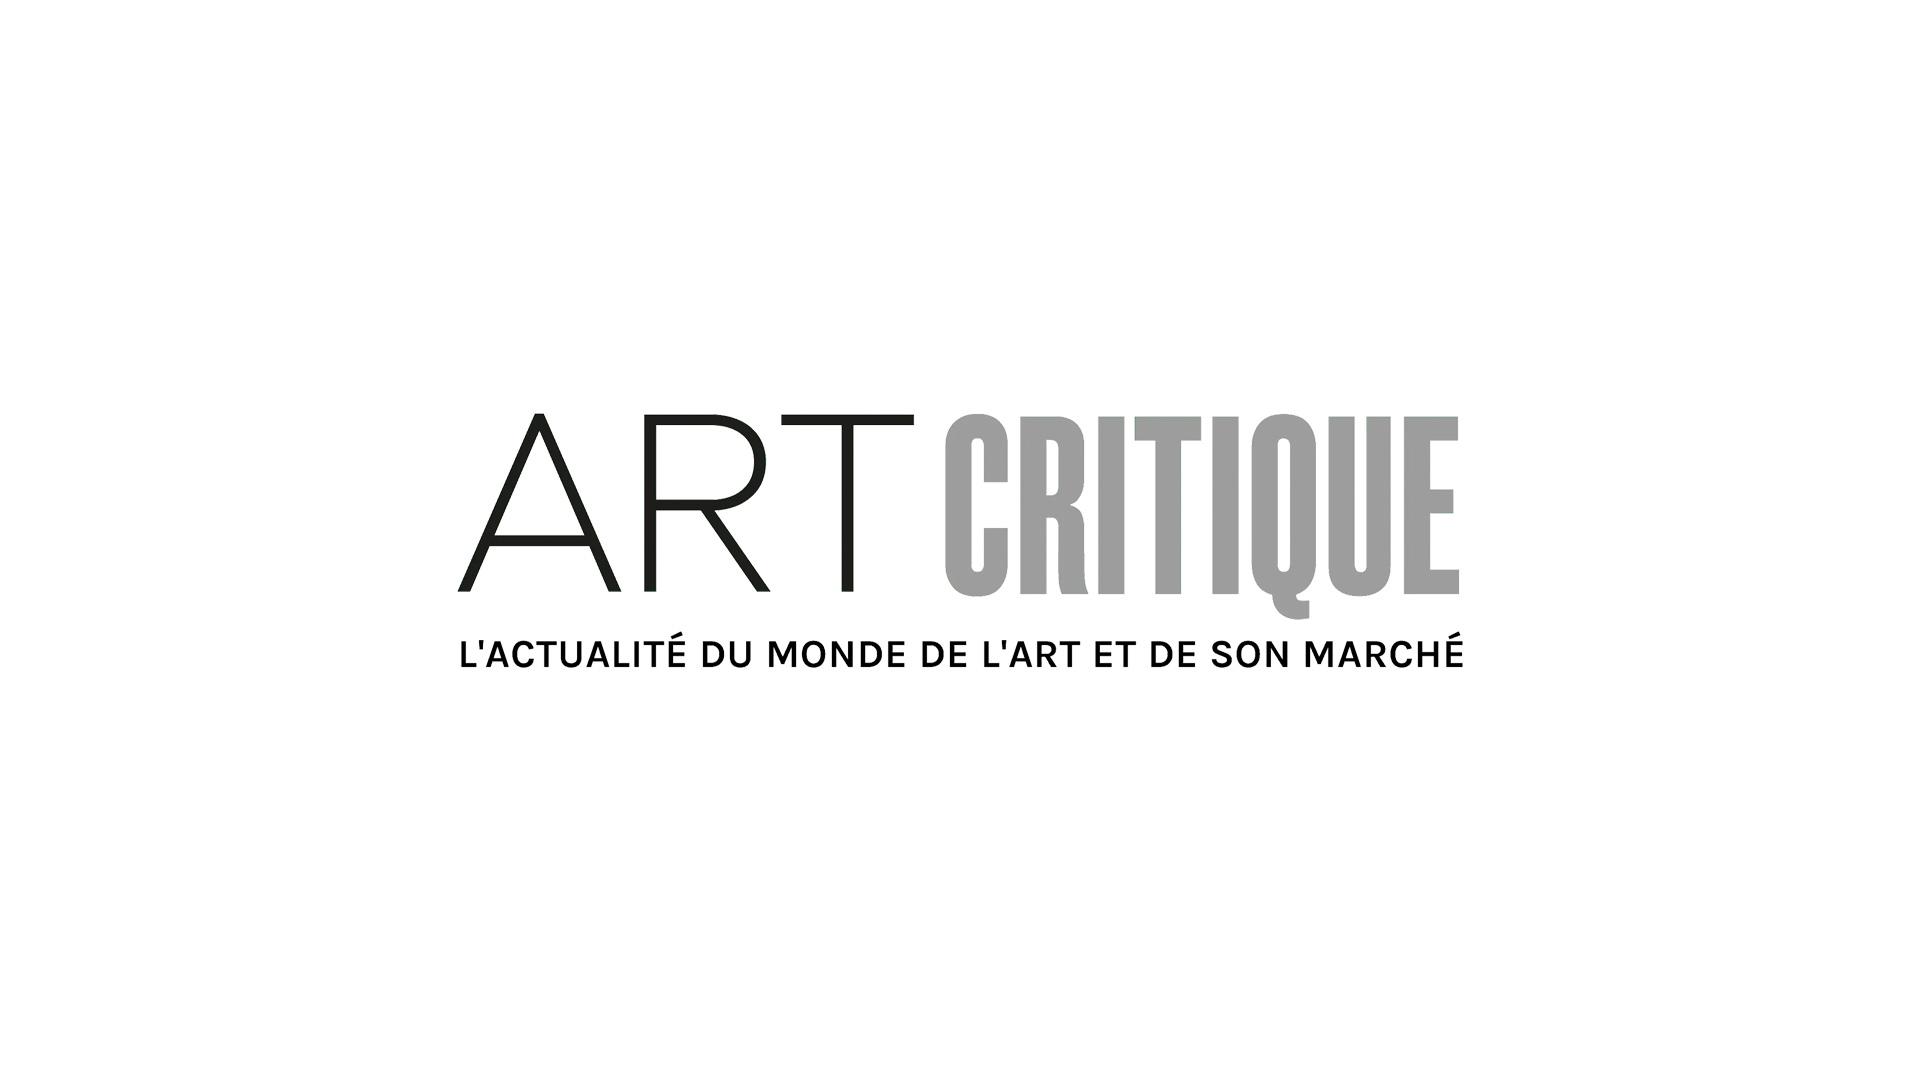 Des objets volés restitués au Louvre